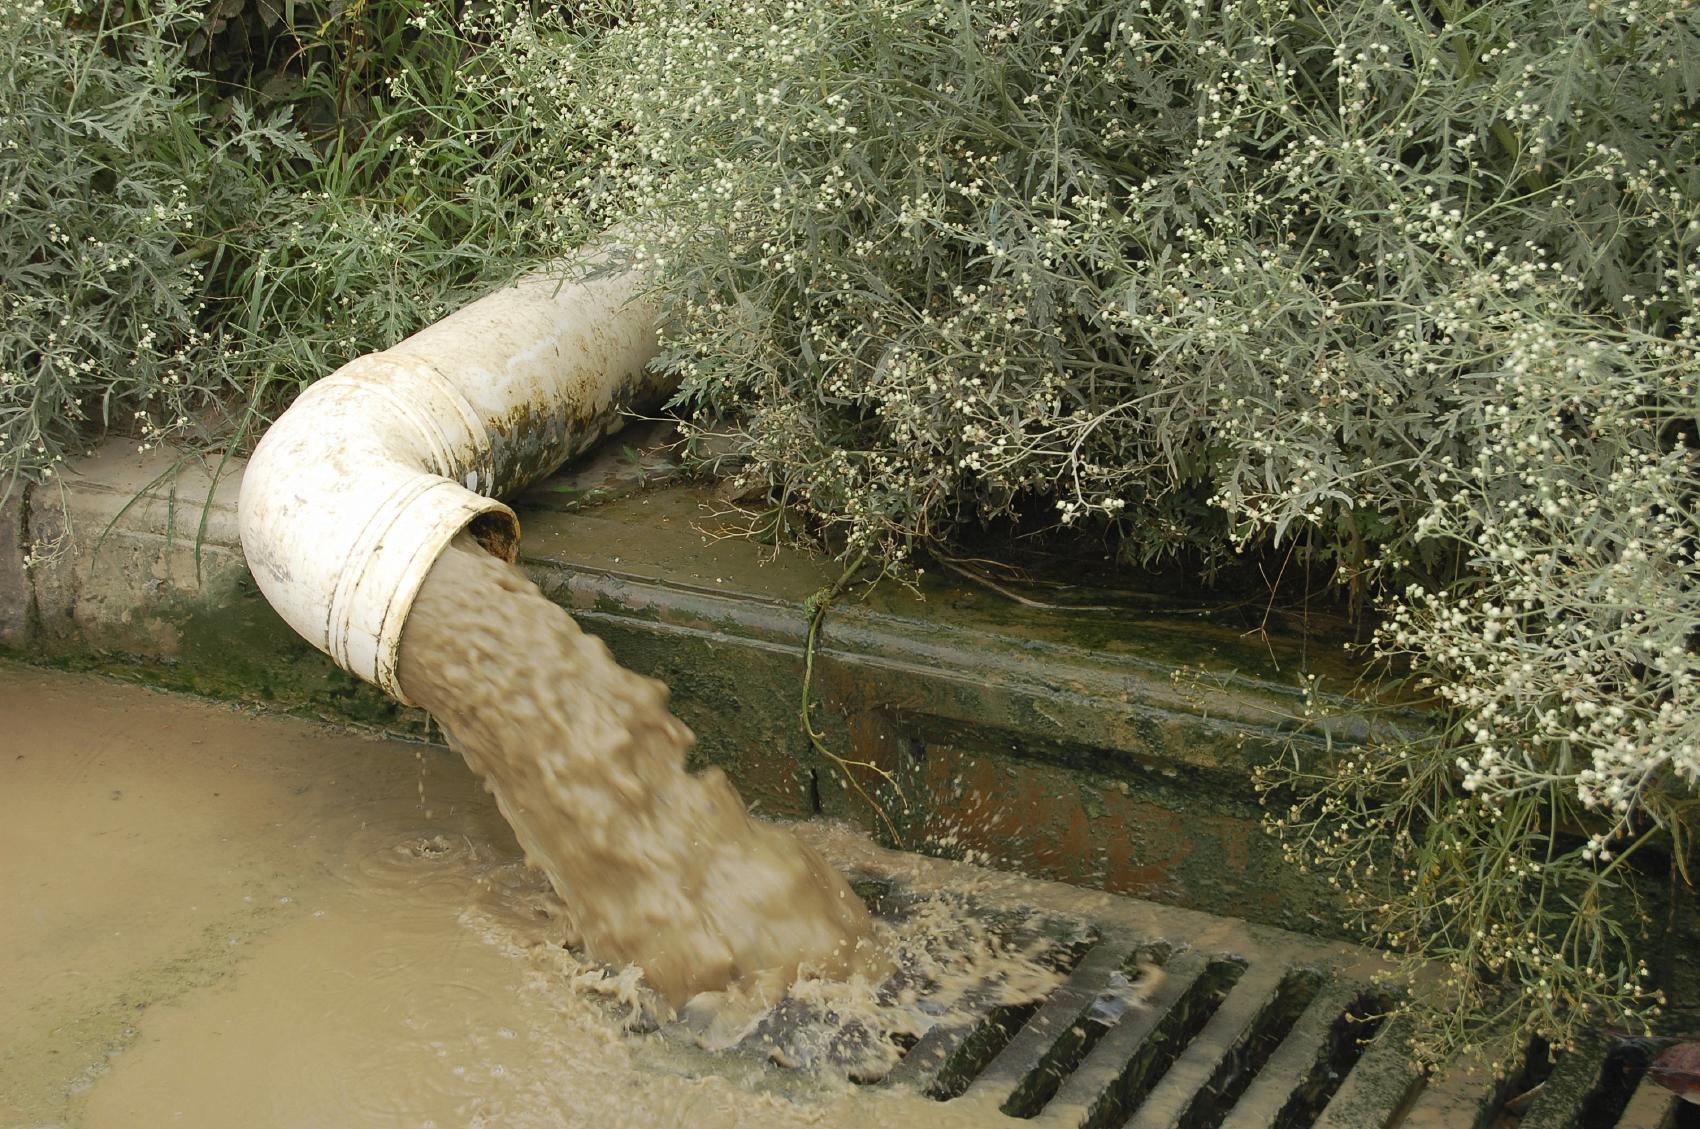 Runoff stormwater pollution